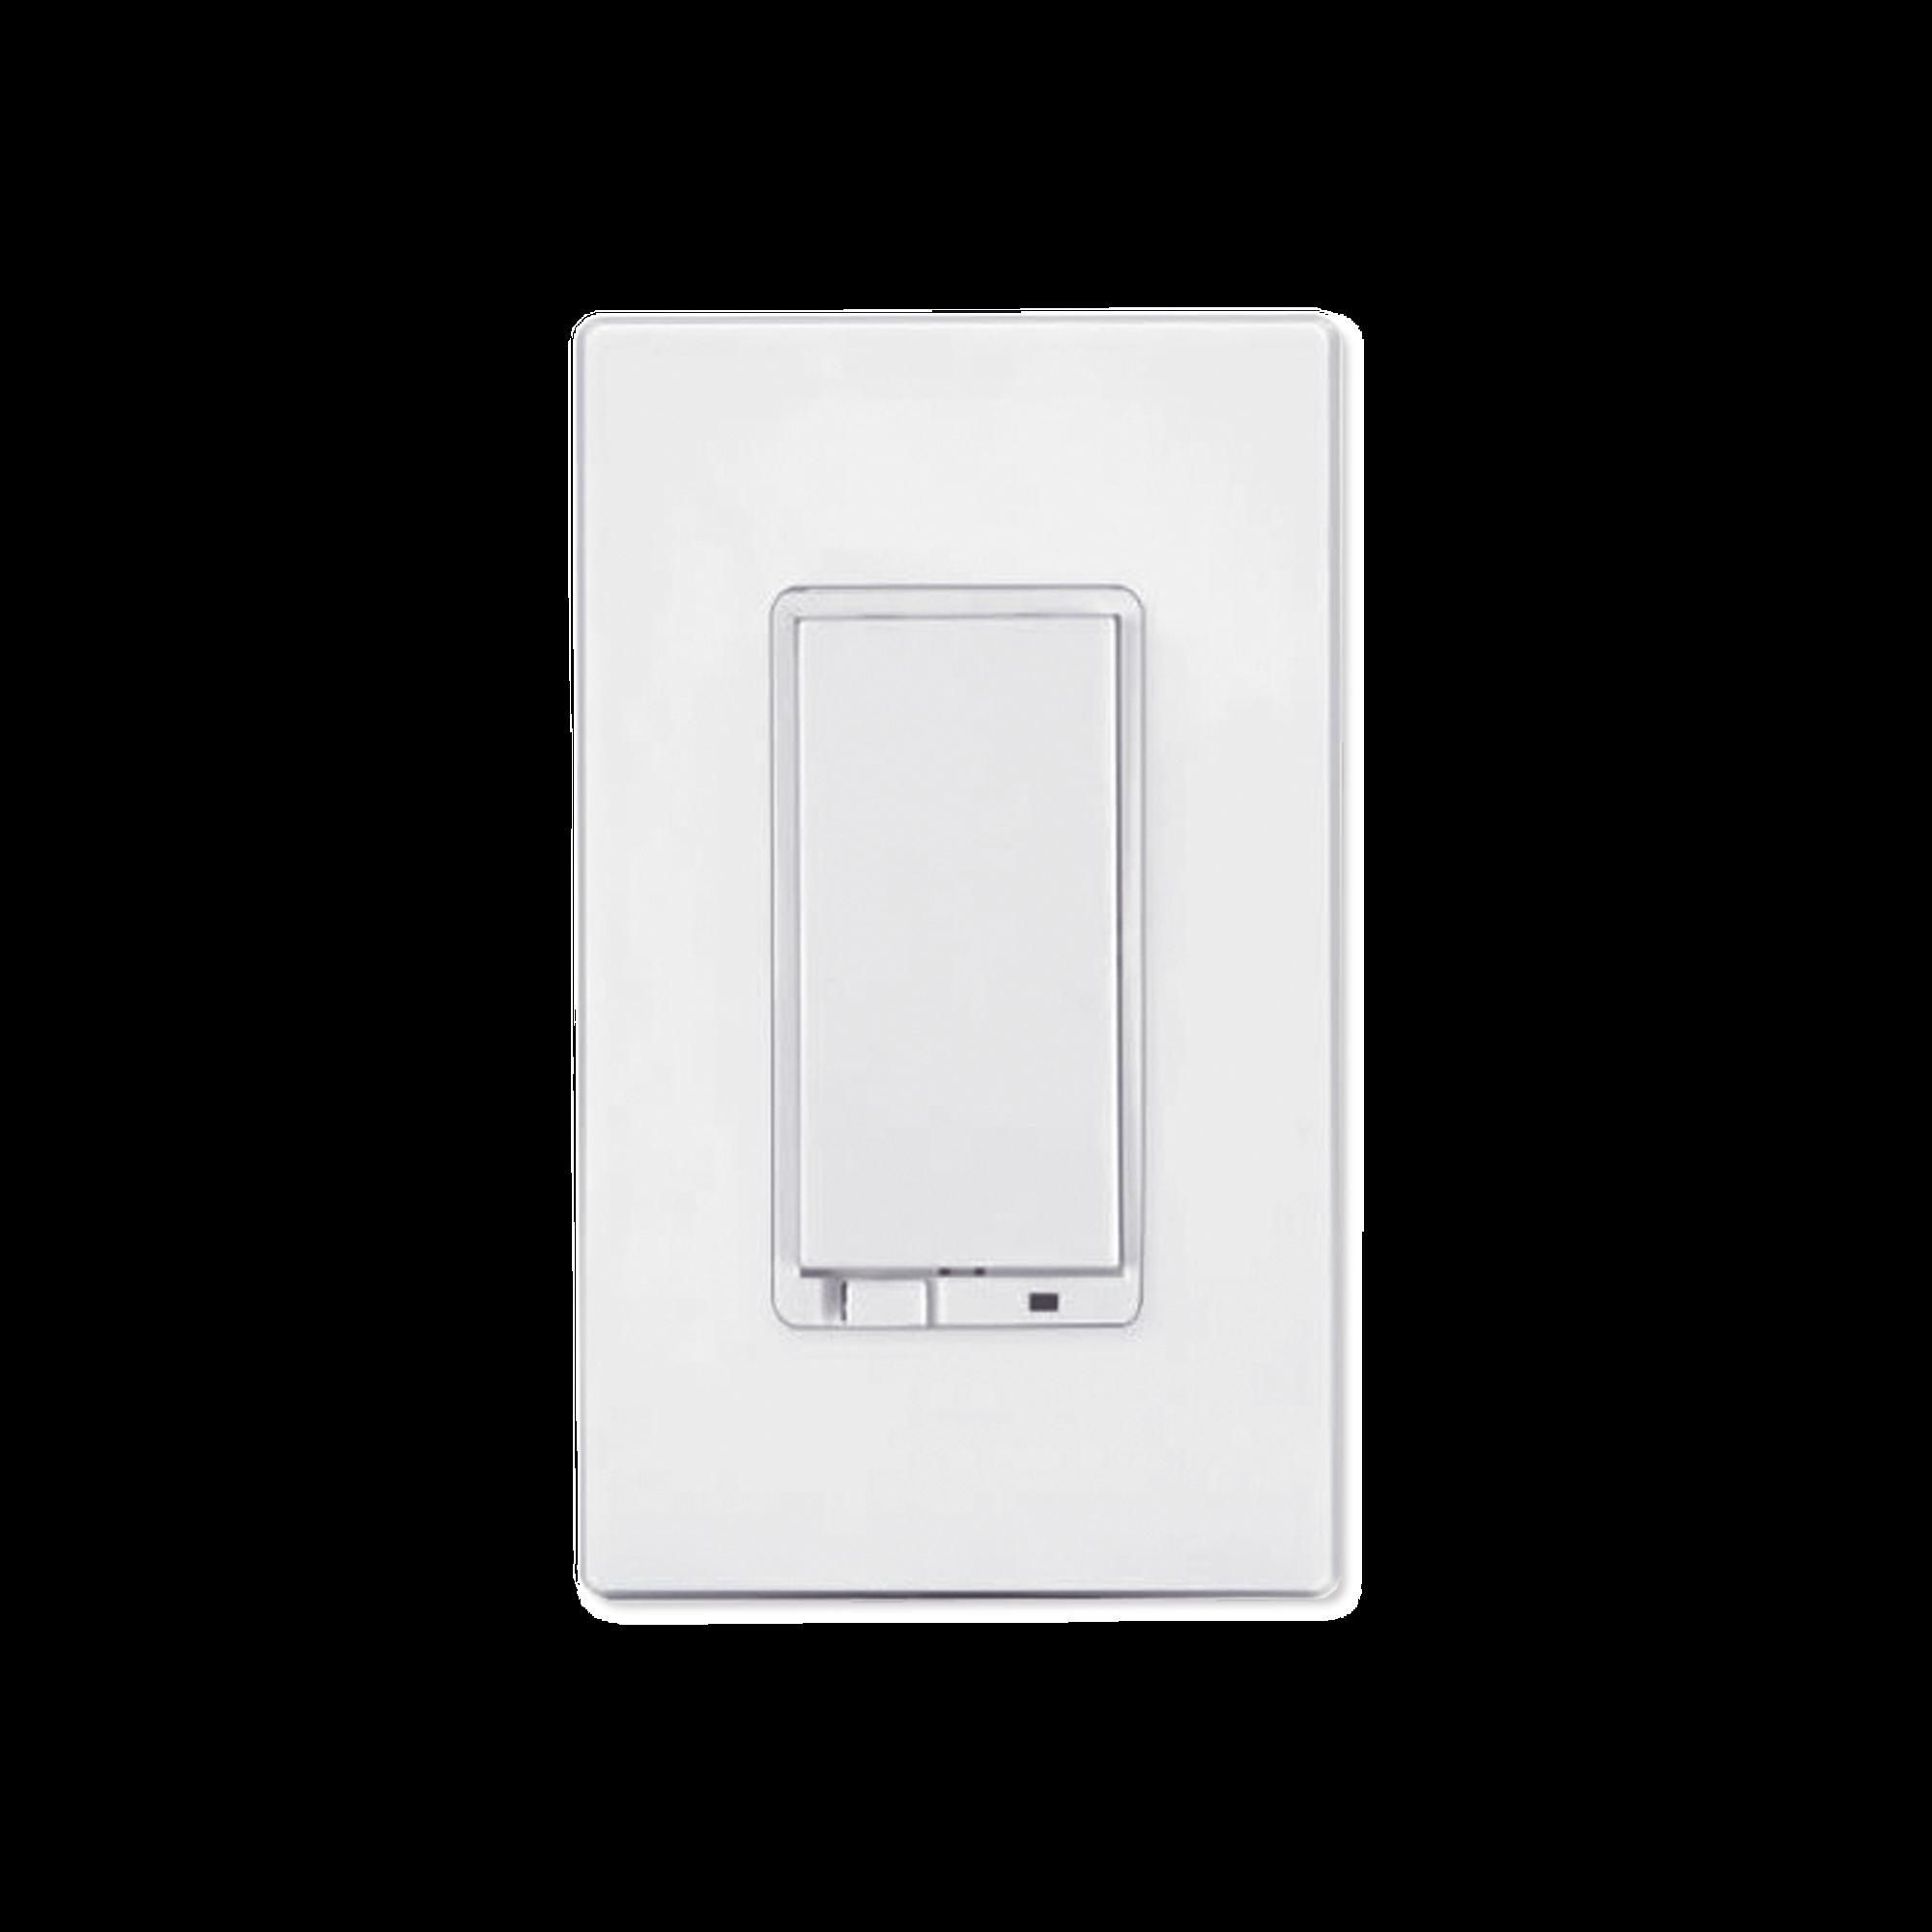 Atenuador iluminación con señal inalámbrica Z-WAVE, requiere agregarse a un HUB HC7, panel de alarma L5210, L7000 con Total Connect.